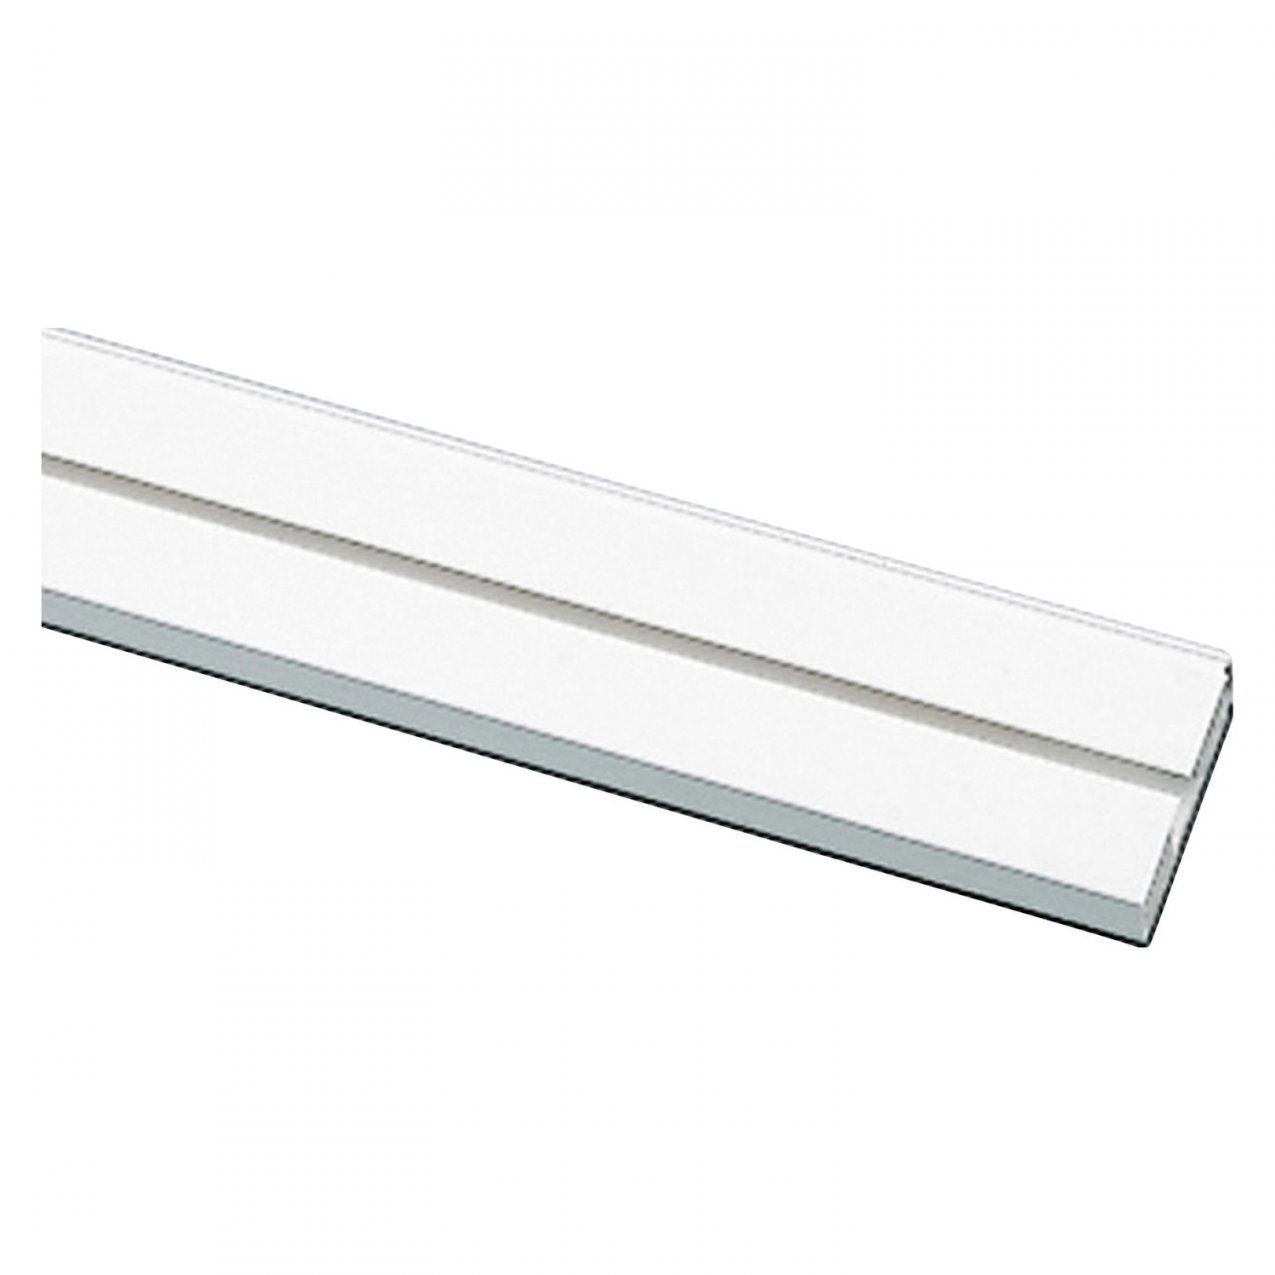 Gardinia Vorhangschiene 1Läufig Ge1 Weiß 120 Cm Kaufen Bei Obi von Gardinenschiene 3 Läufig Mit Blende Bild